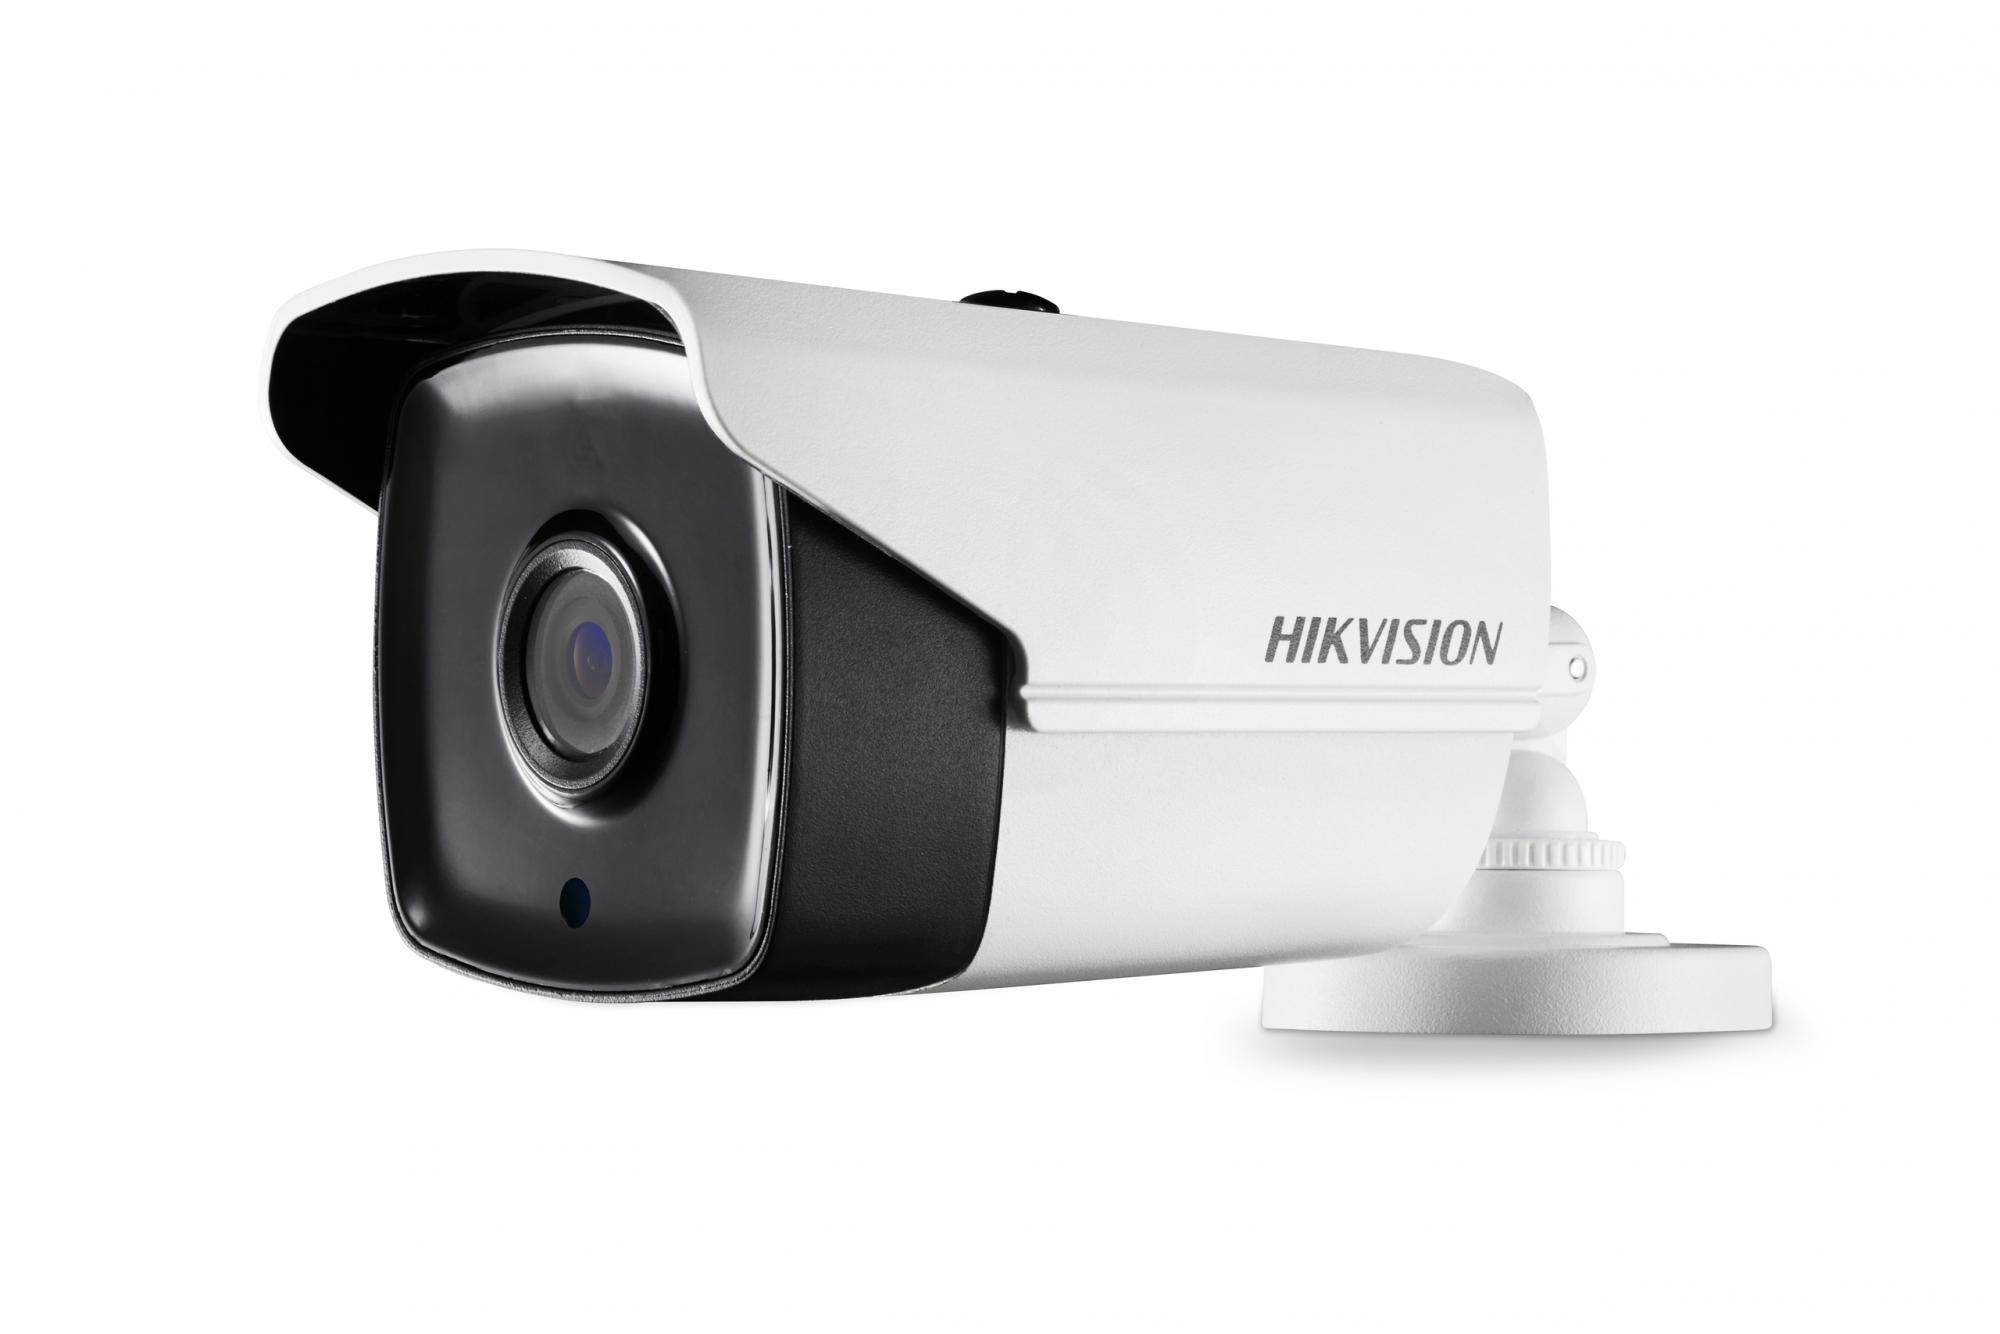 Hikvision DS-2CE16D0T-IT1E(2.8mm)